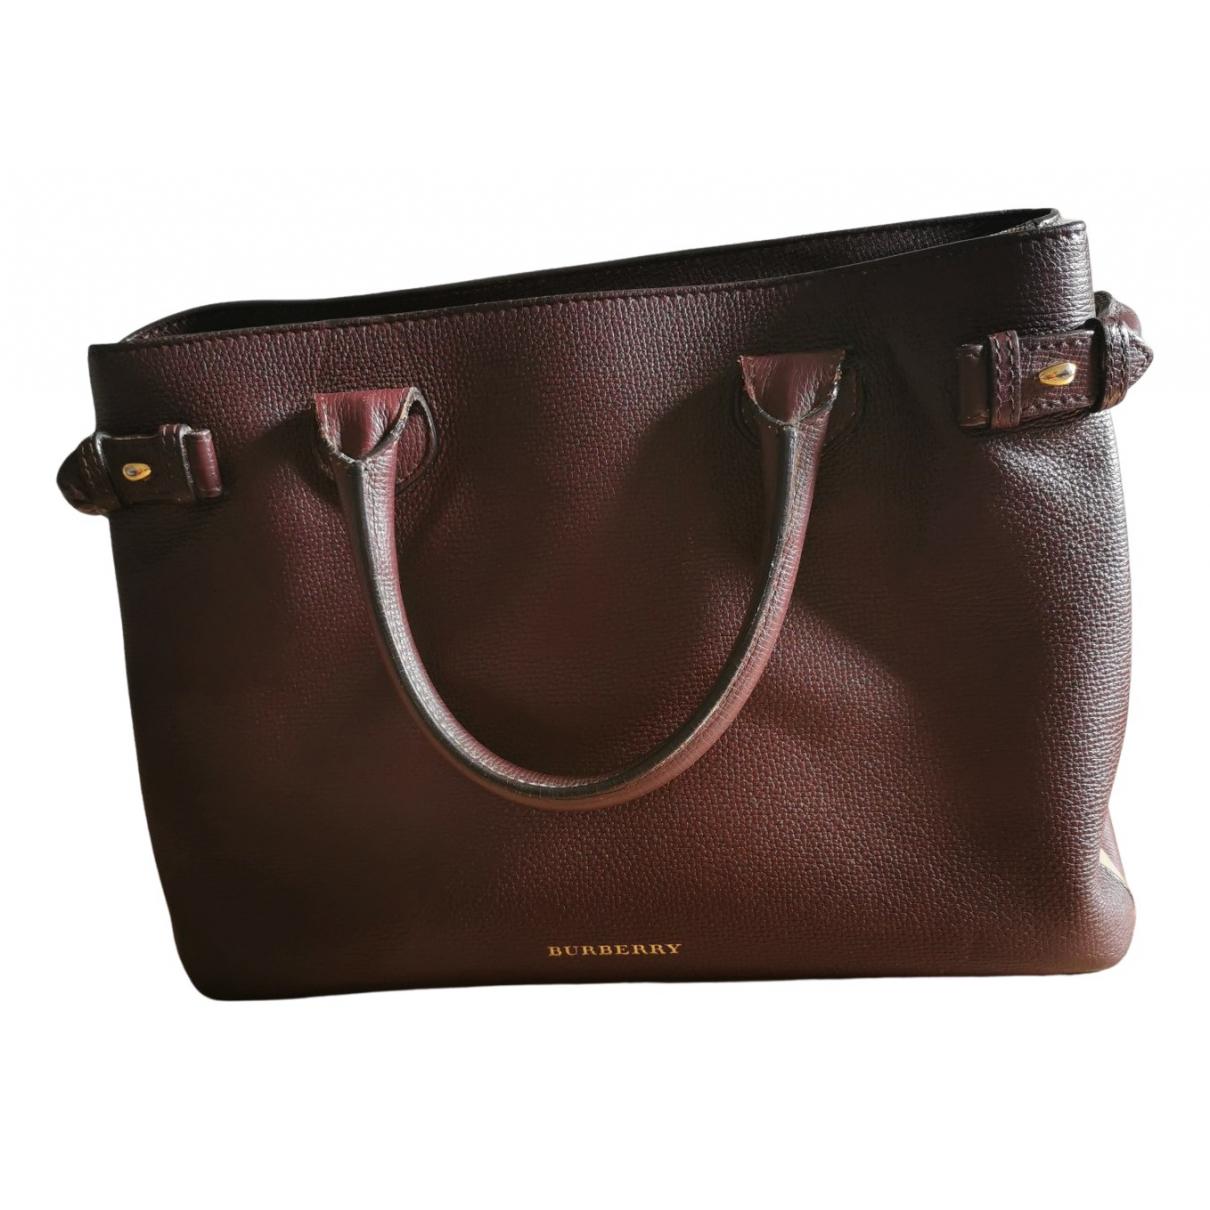 Burberry The Banner  Burgundy Leather handbag for Women N